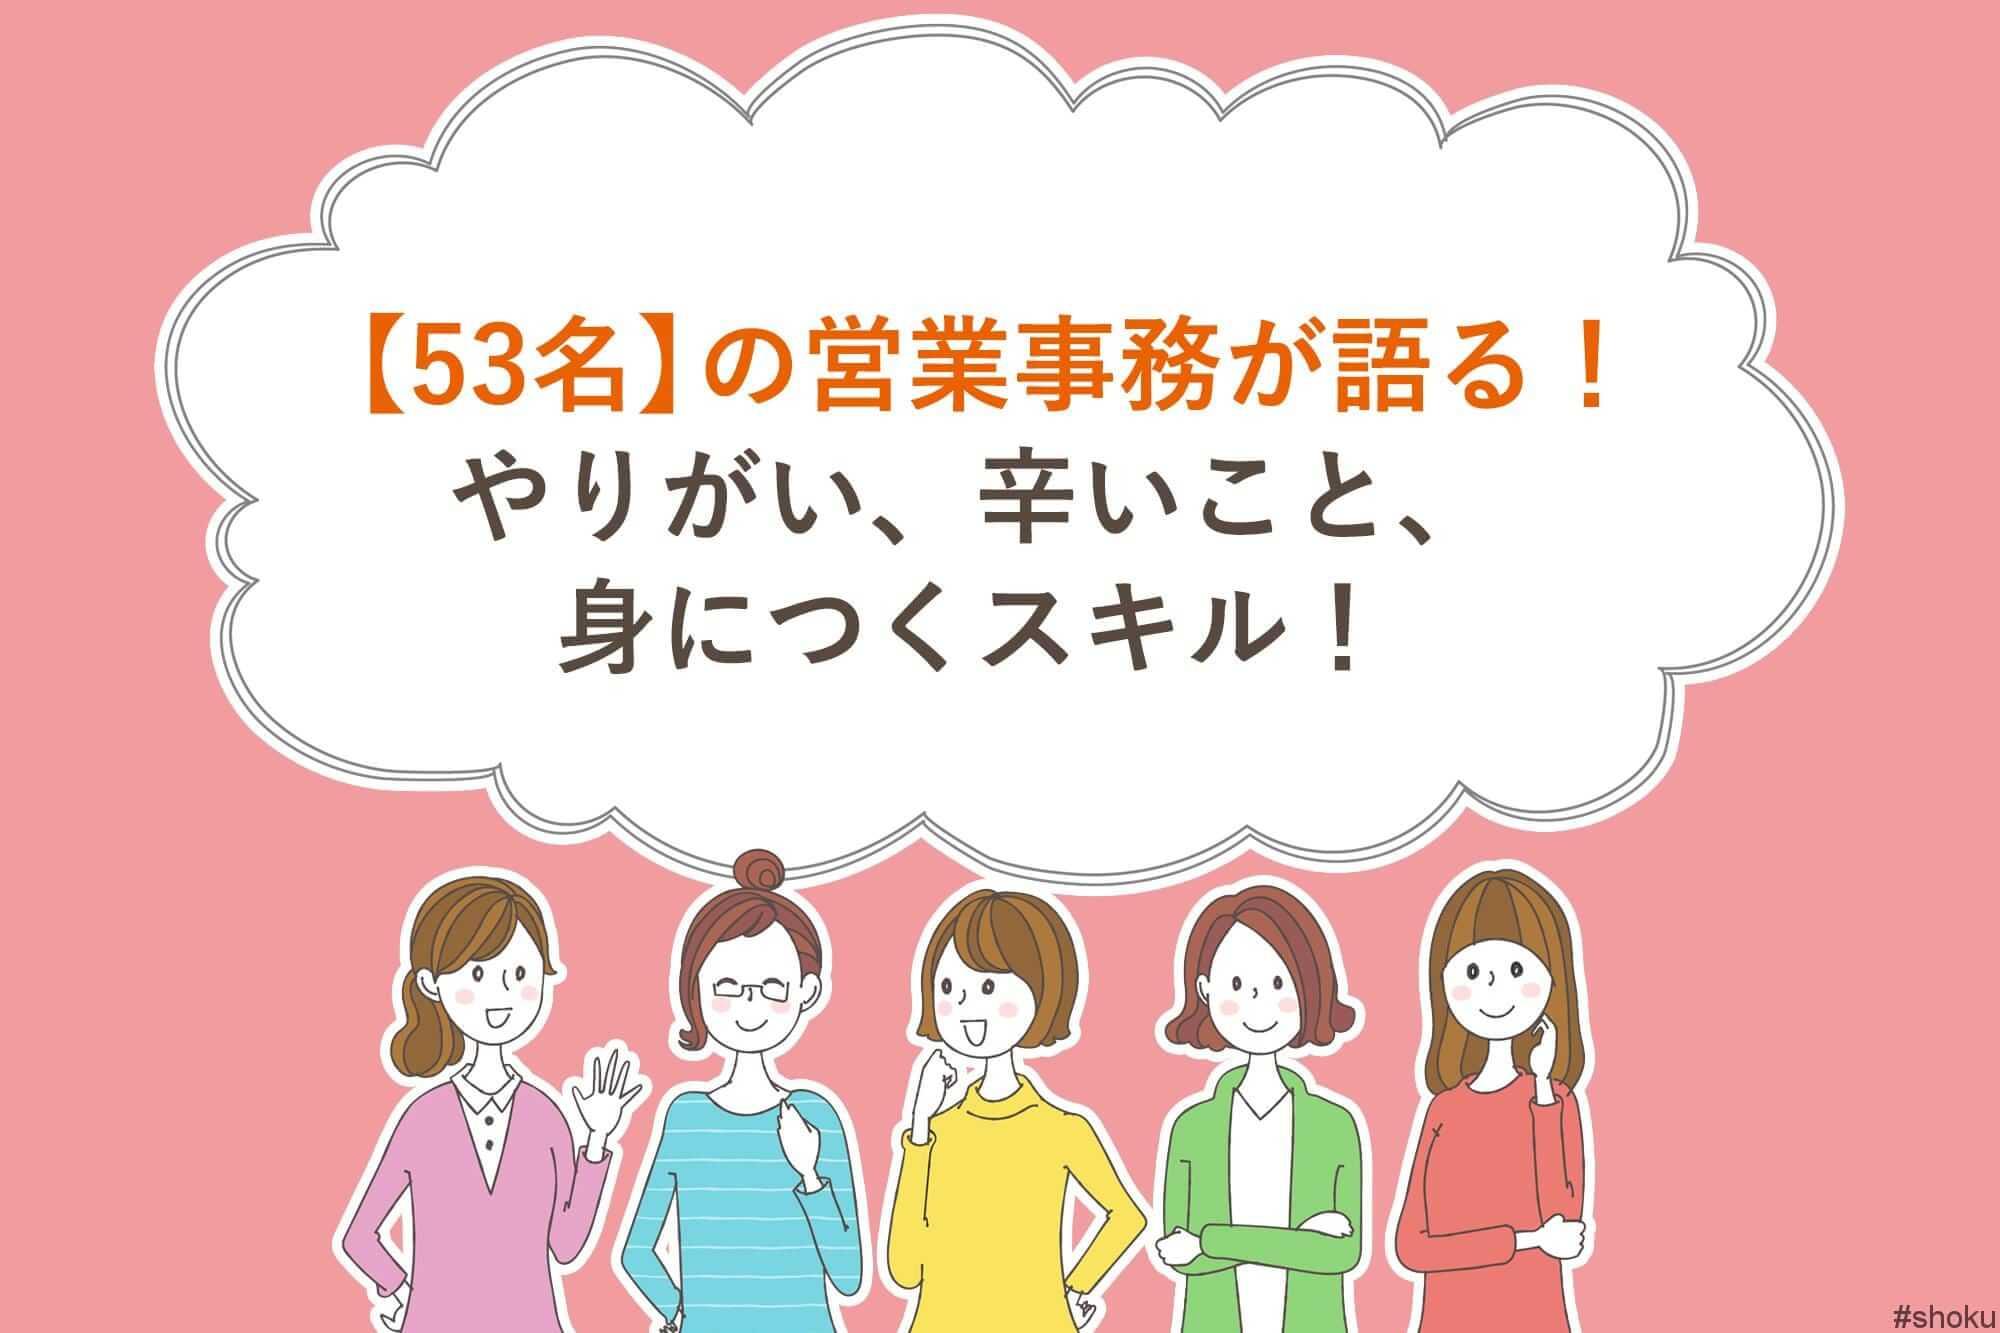 【53名】の営業事務が語る!やりがい、つらいこと、身につくスキル!営業事務あるあるも紹介!